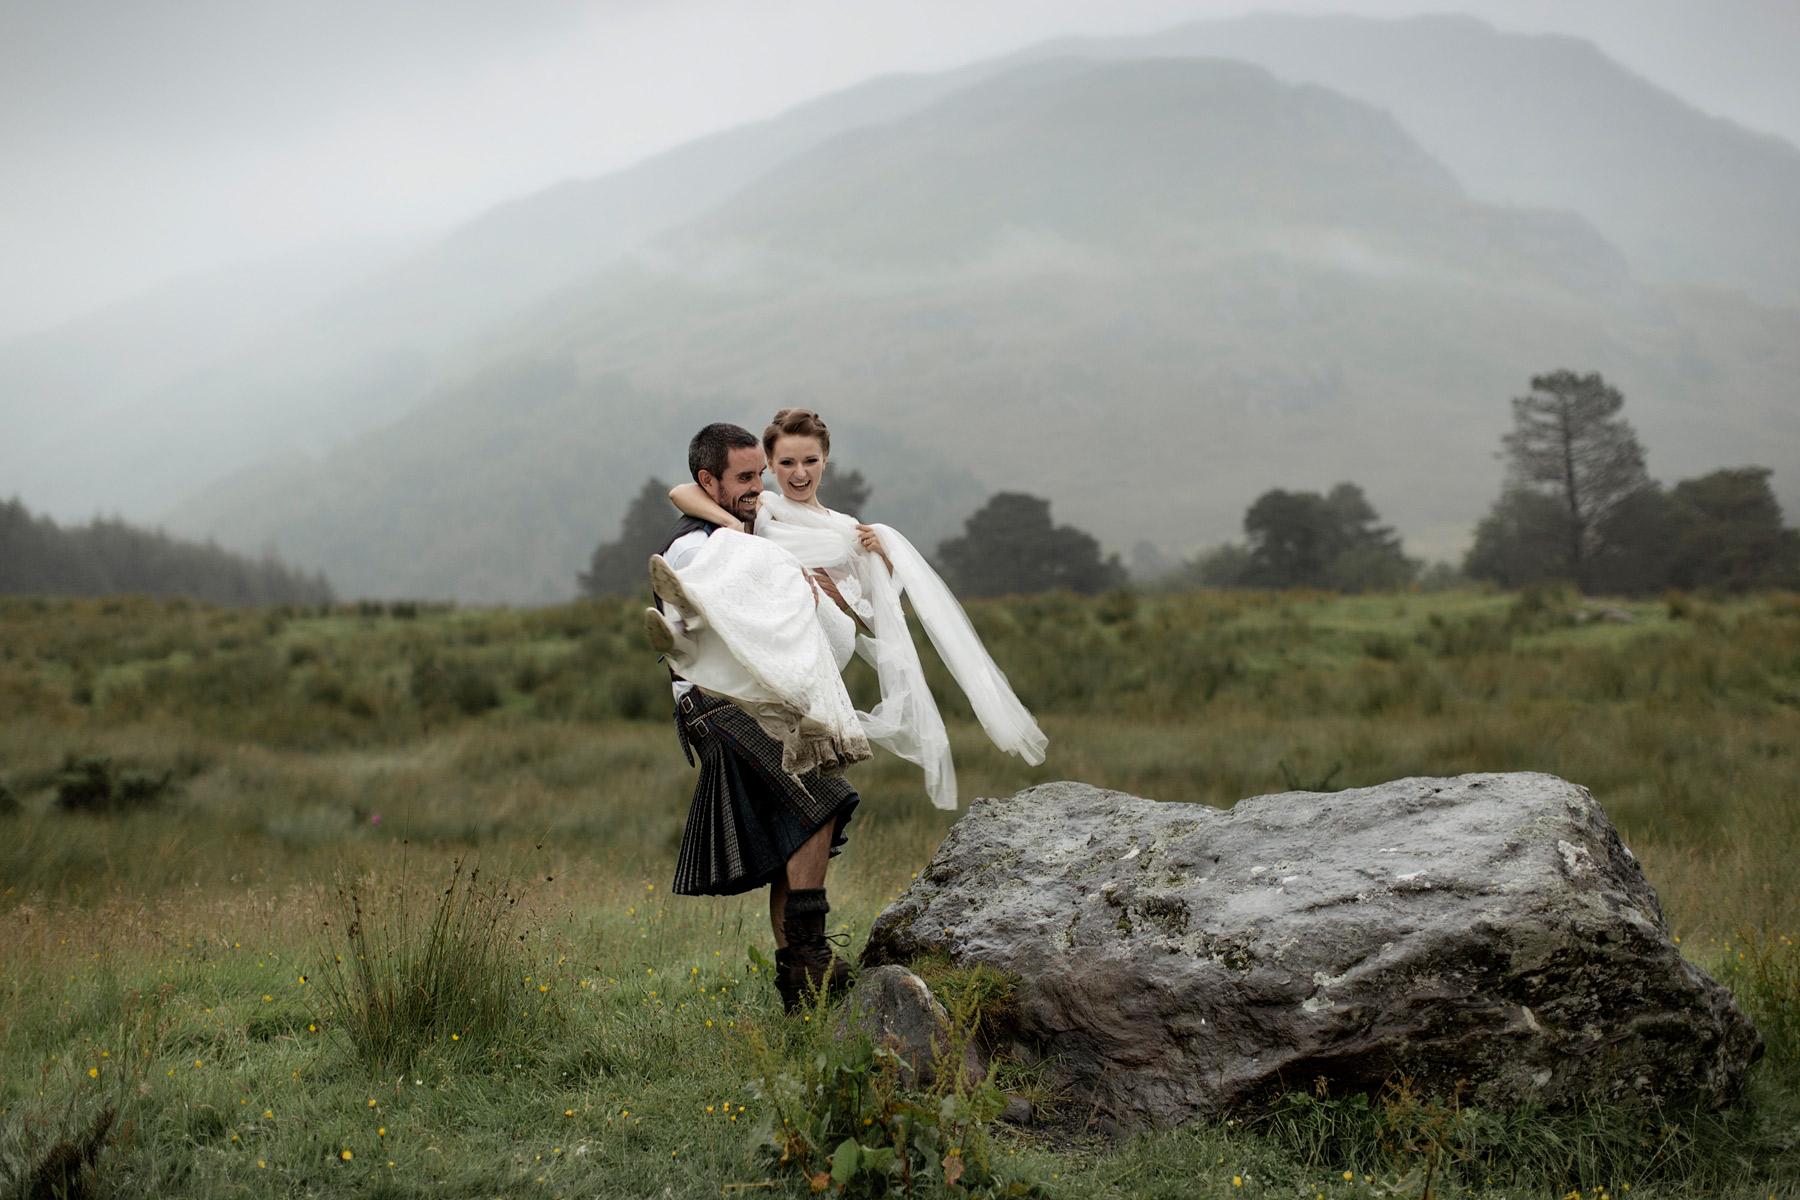 epic wedding portrait shot in Scotland